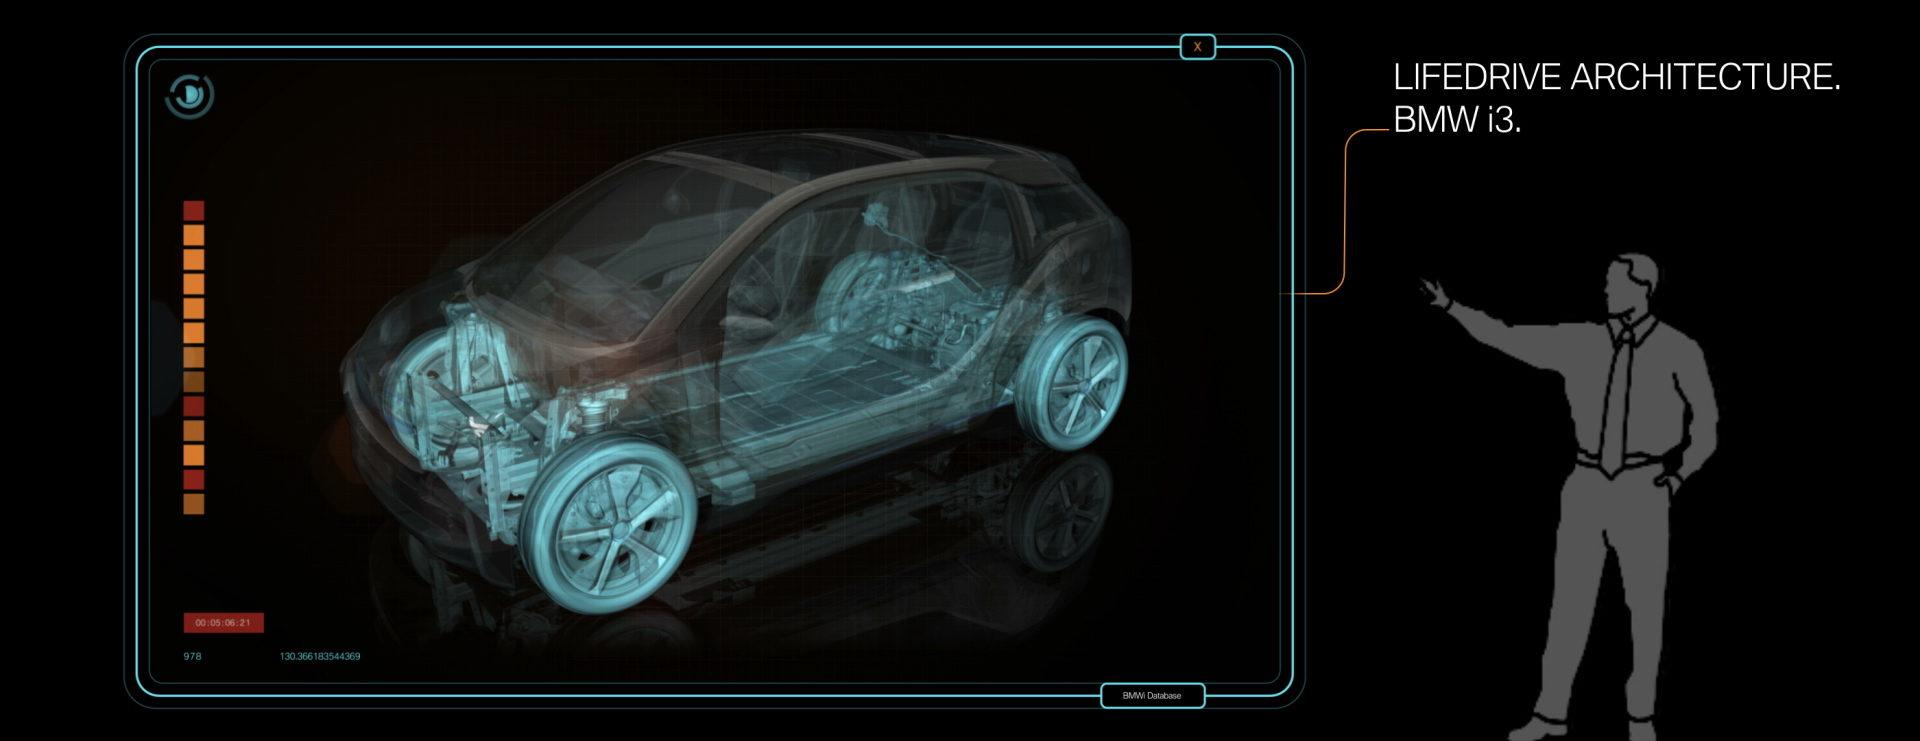 BMWi_presentation (0.01.38.03)